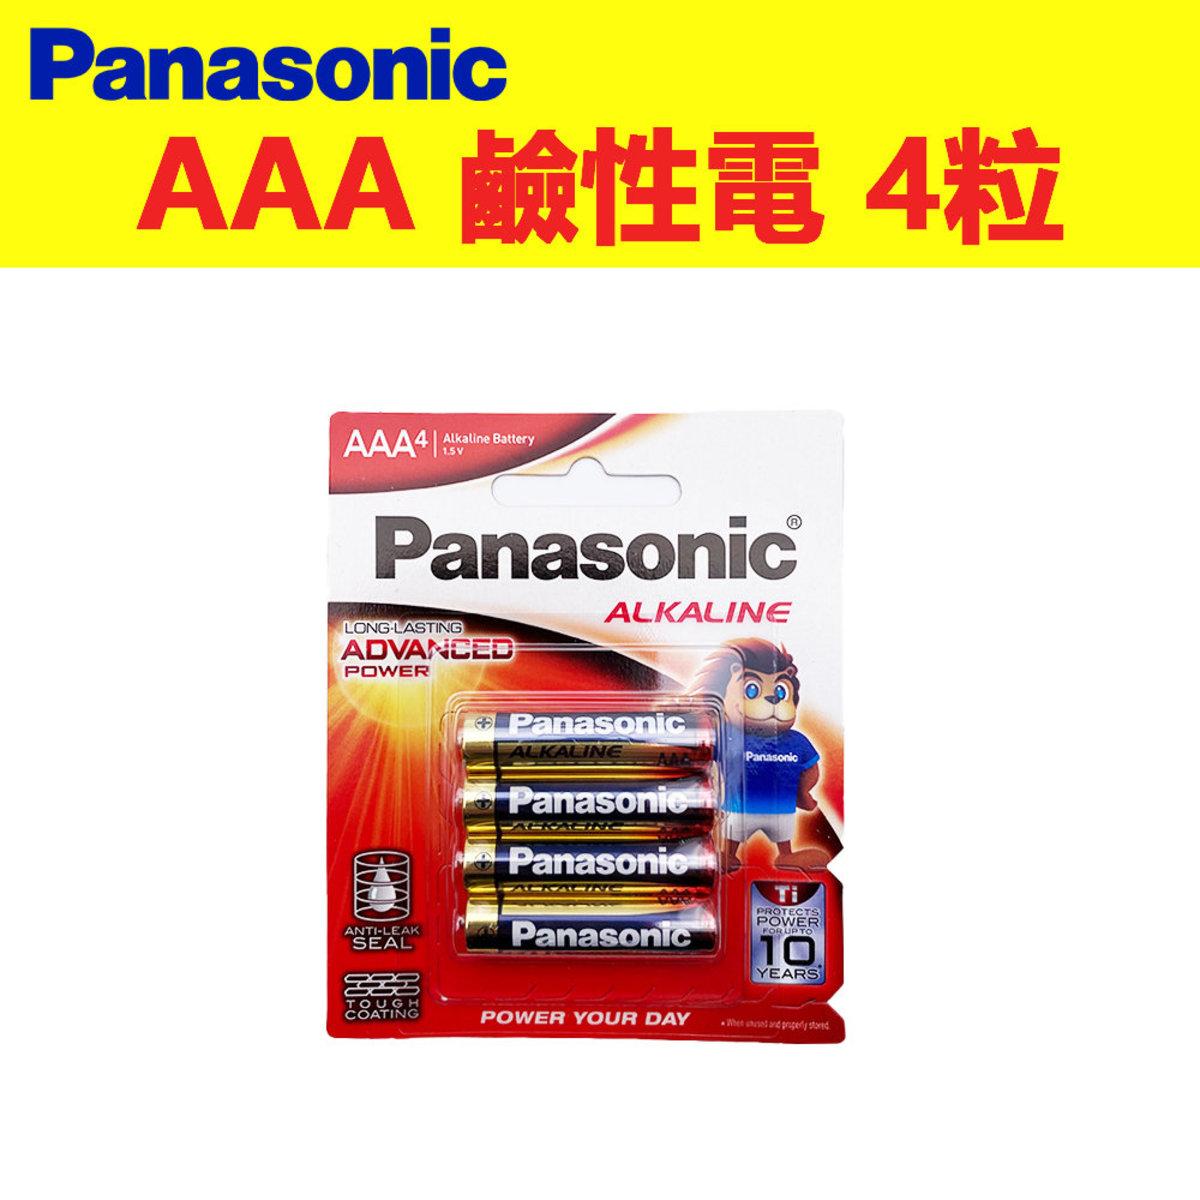 Alkaline AAA-Size Battery (4pcs) - LR03T/4B